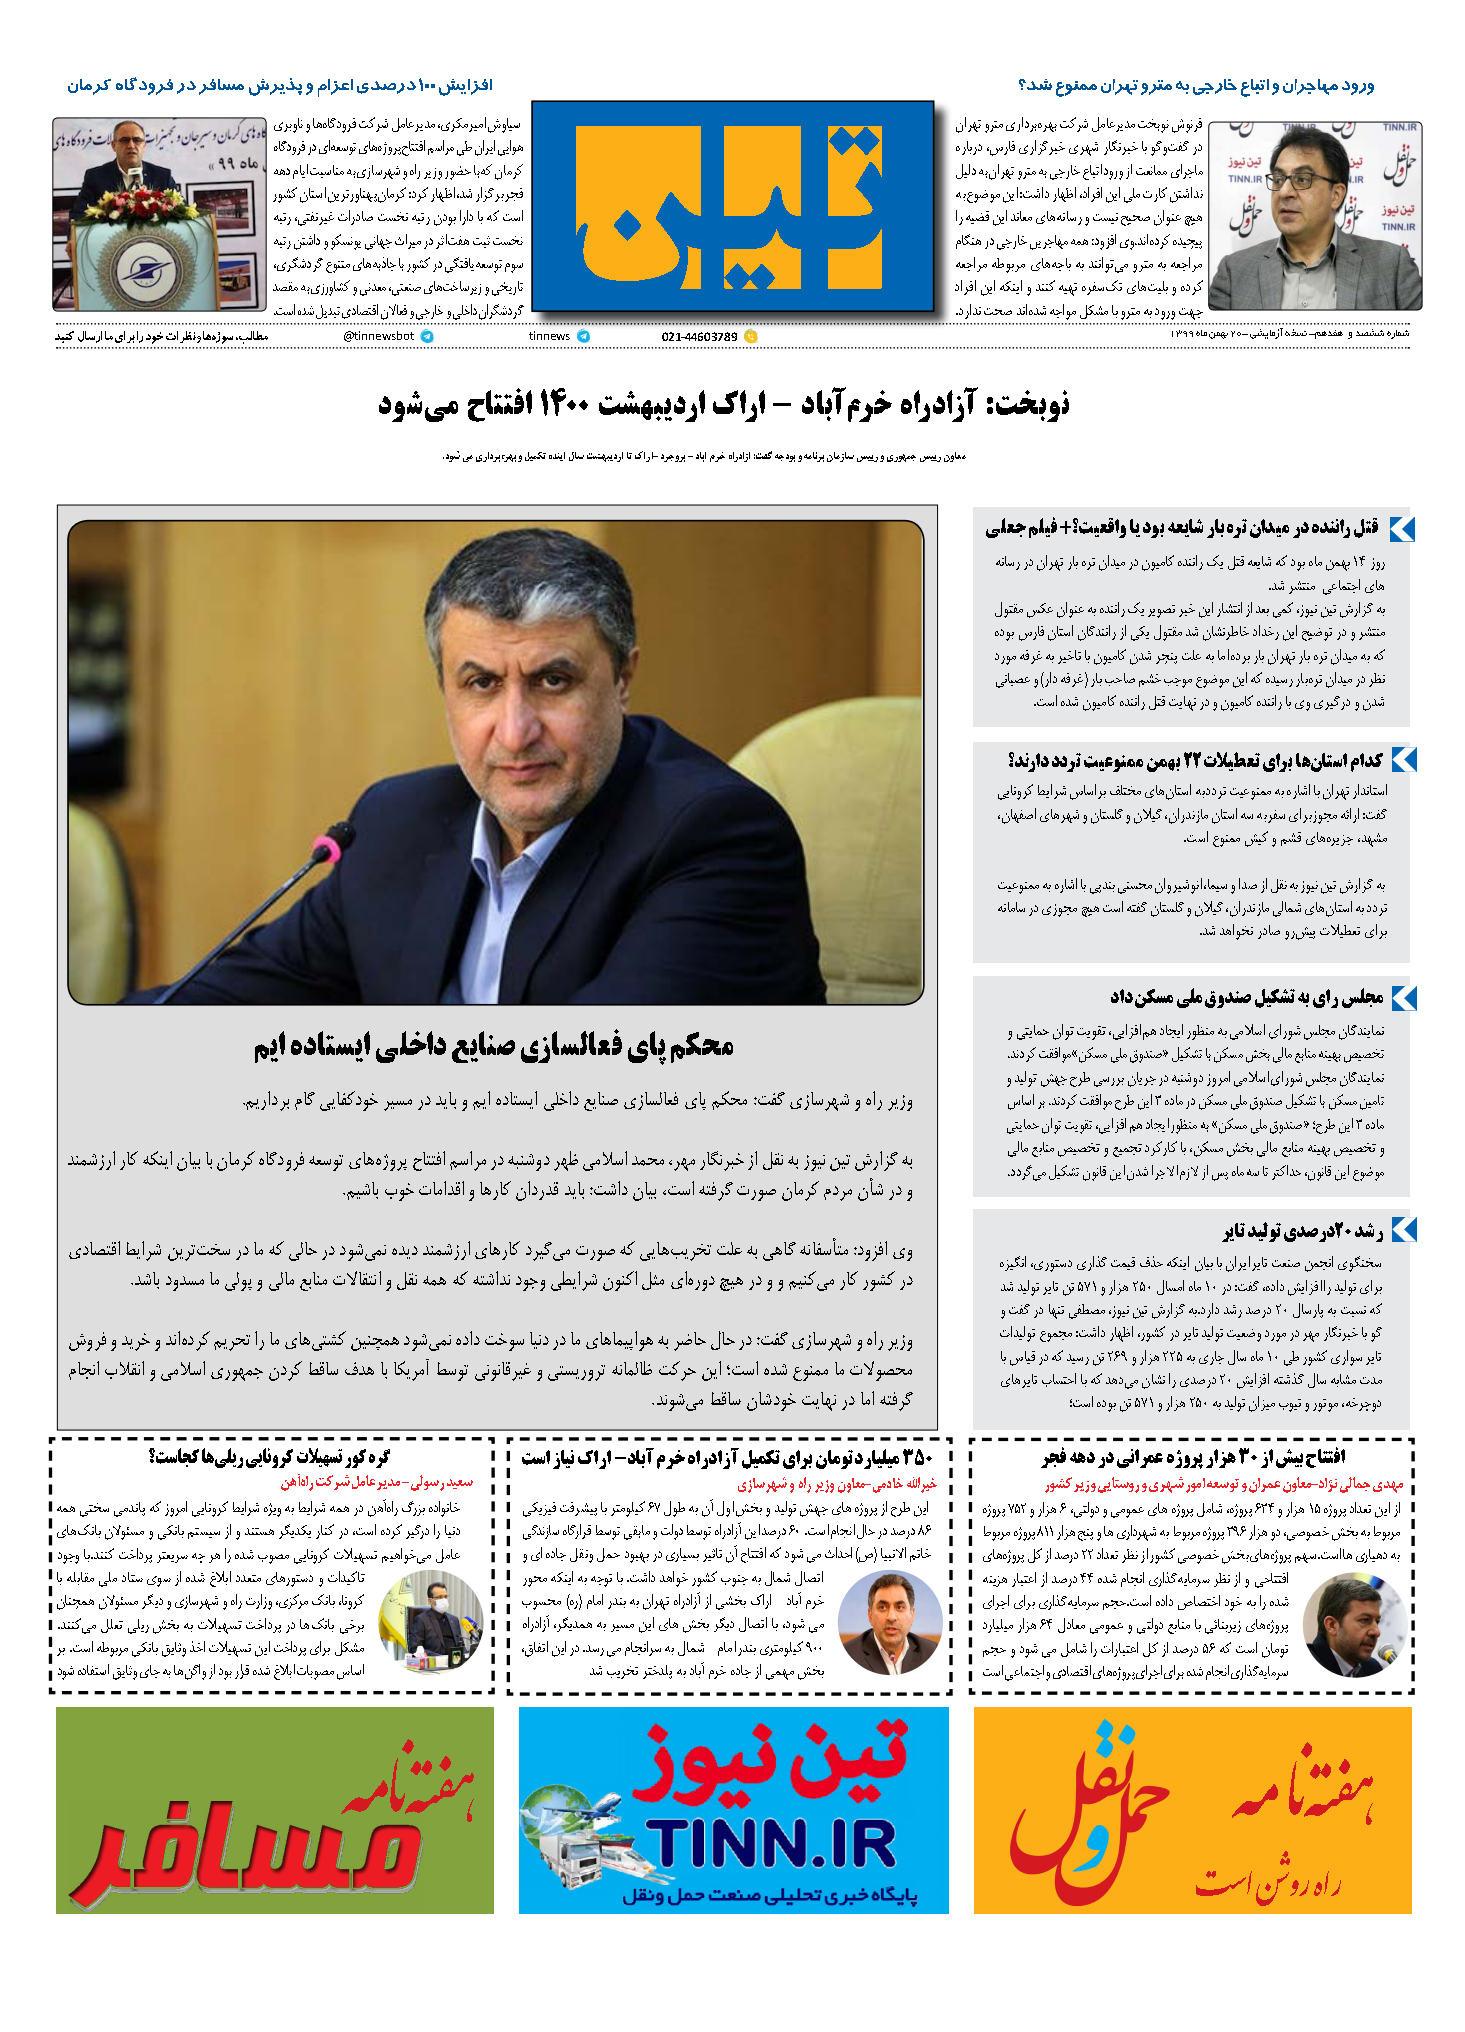 روزنامه الکترونیک 20 بهمن ماه 99